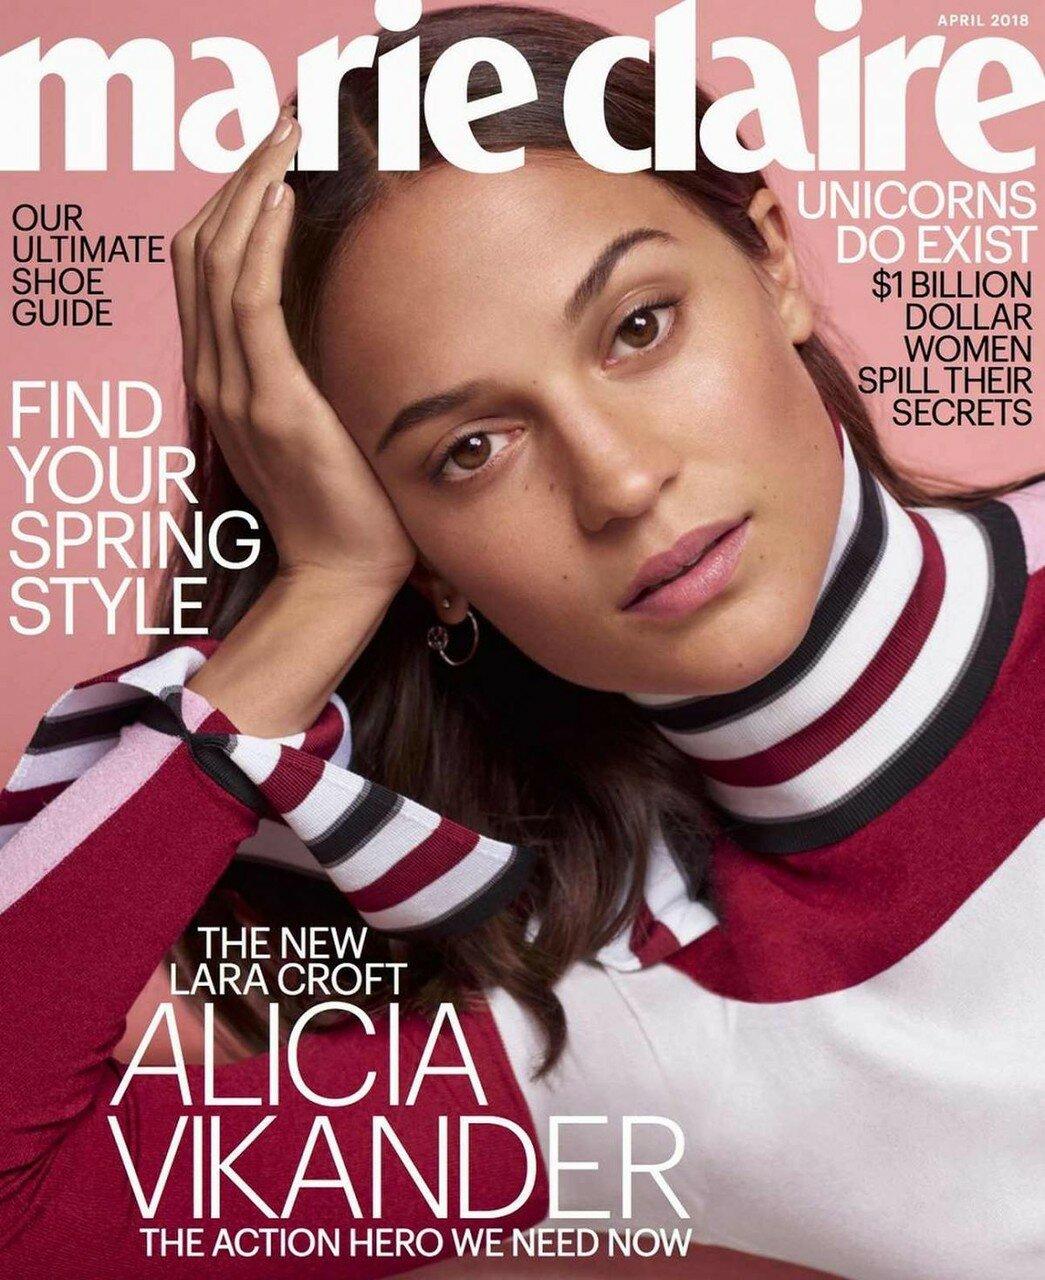 alicia-vikander-in-marie-claire-magazine-april-2018-4.jpg